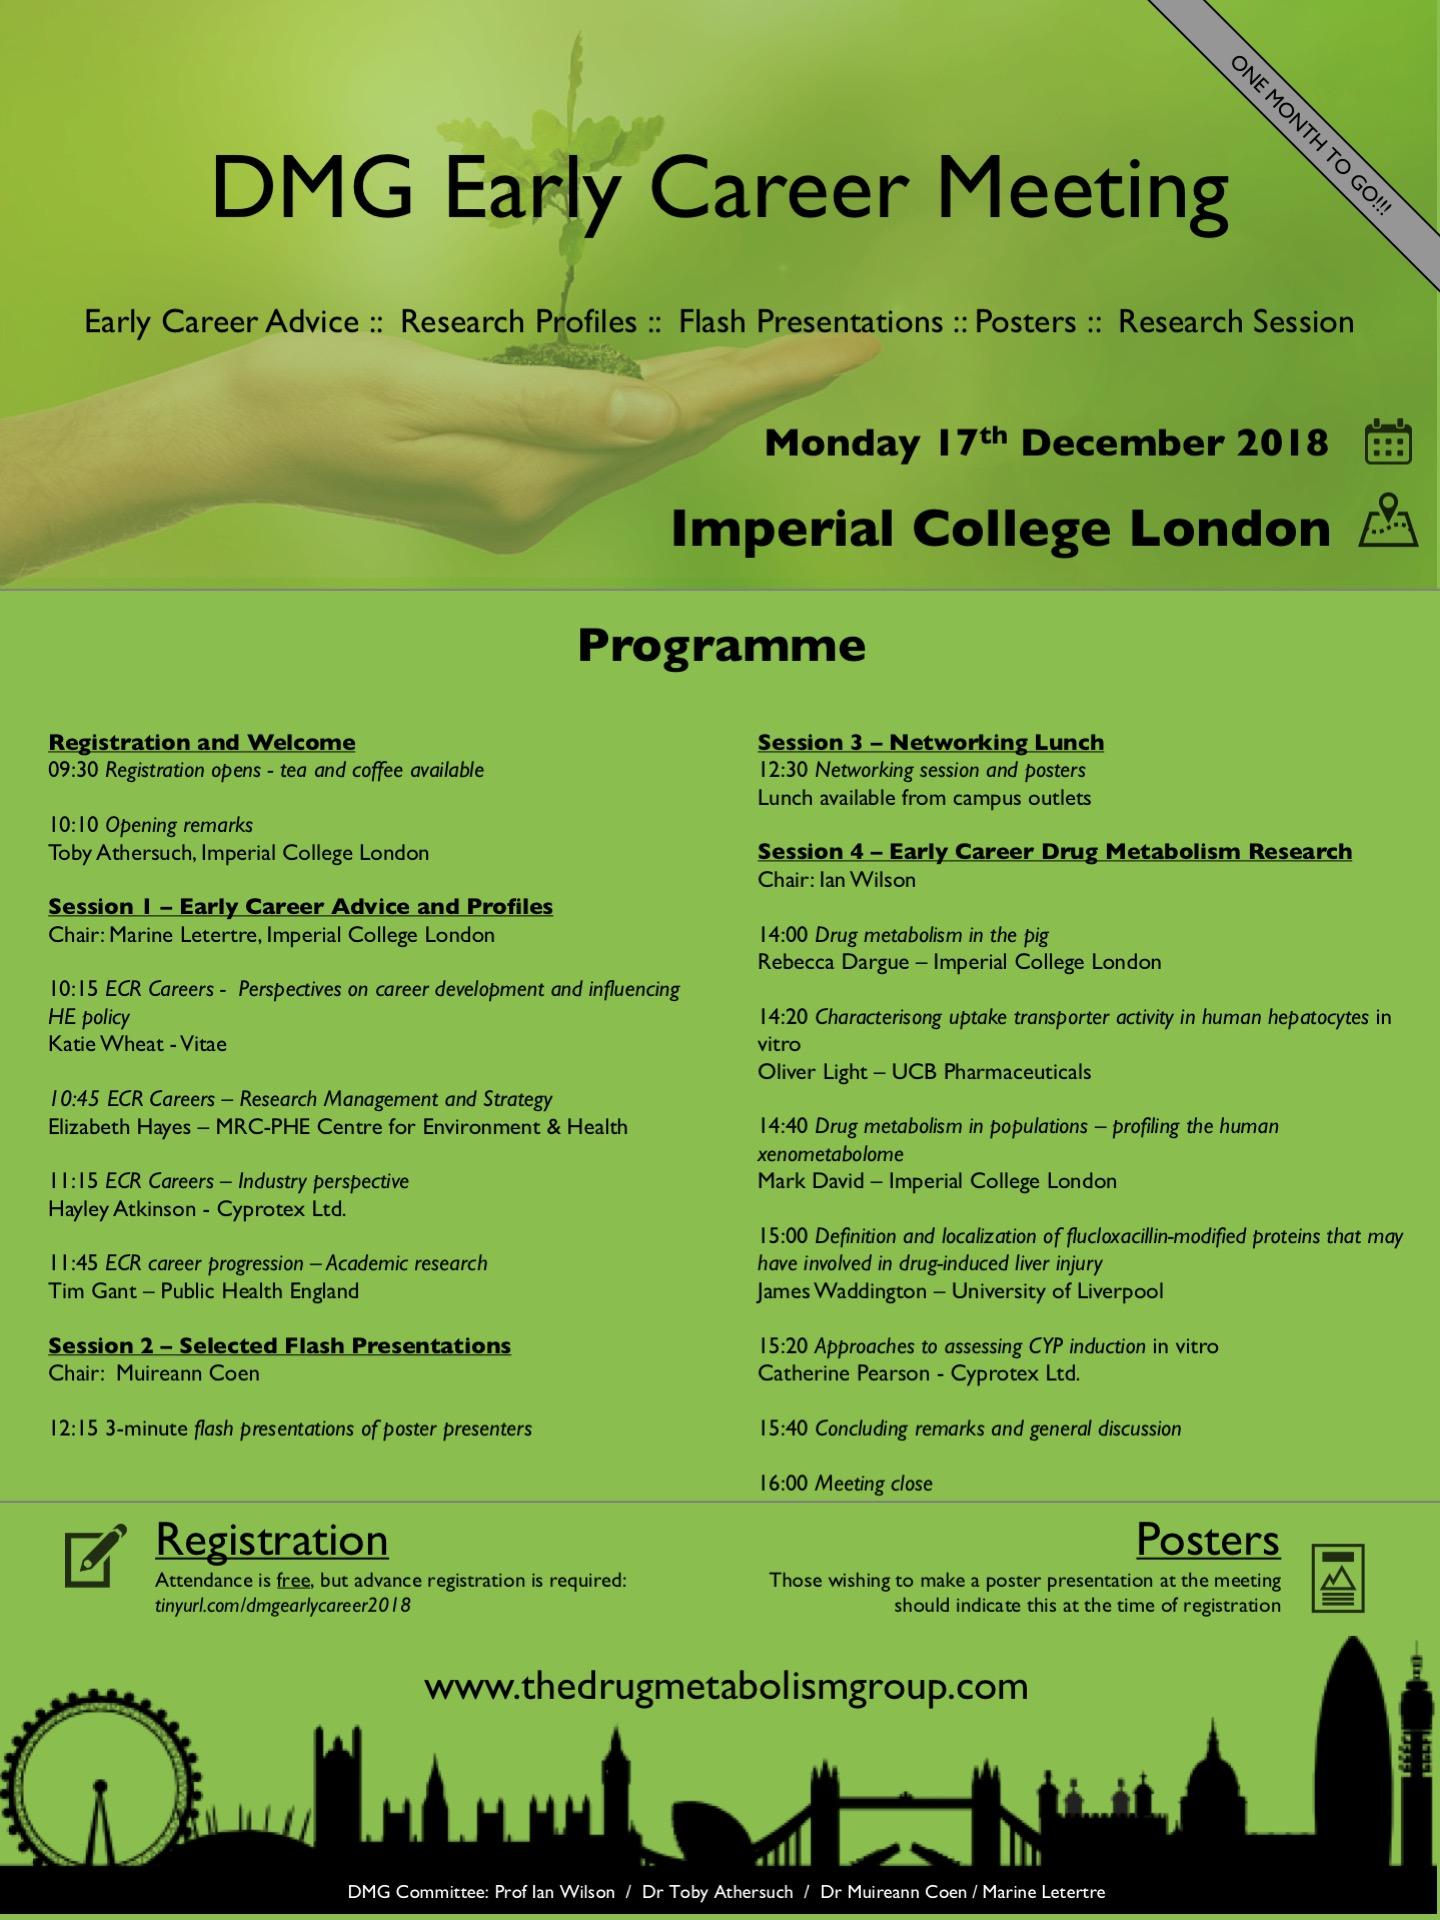 DMG ECR Meeting Programme